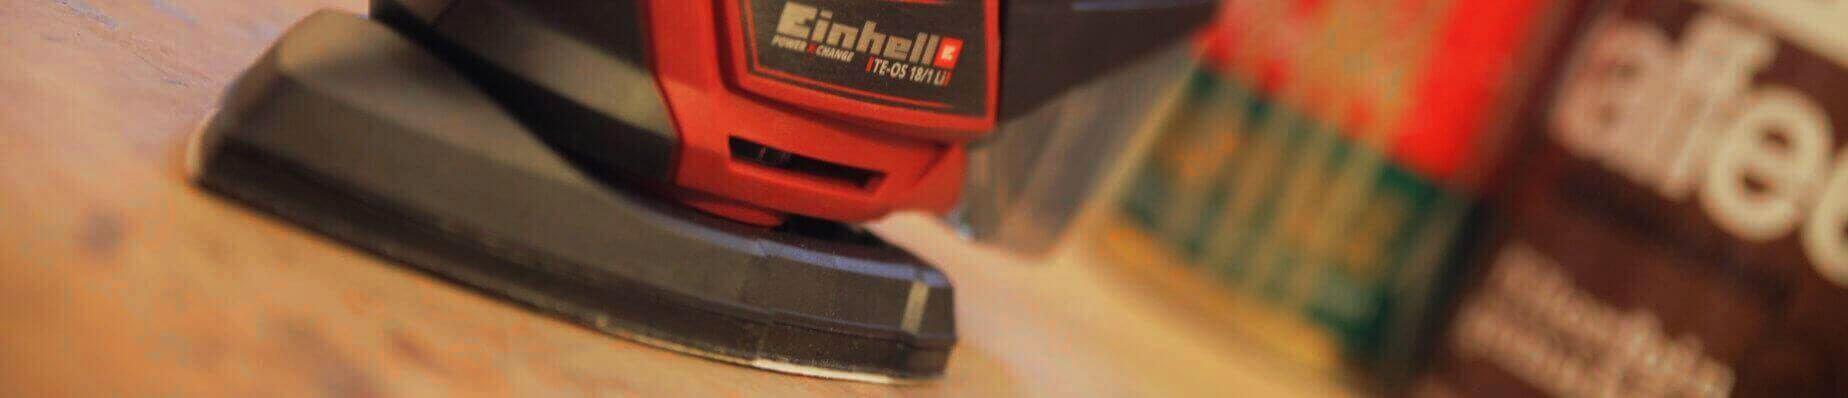 Eine Nahaufnahme des Multischleifers Einhell TE-OS 18-1 Li Solo. Das rot, schwarze Gerät ist nicht ganz zu erkennen. Sichtbar ist der Name und die Firma. Außerdem ist die seitliche Struktur der Platte zu erkennen.